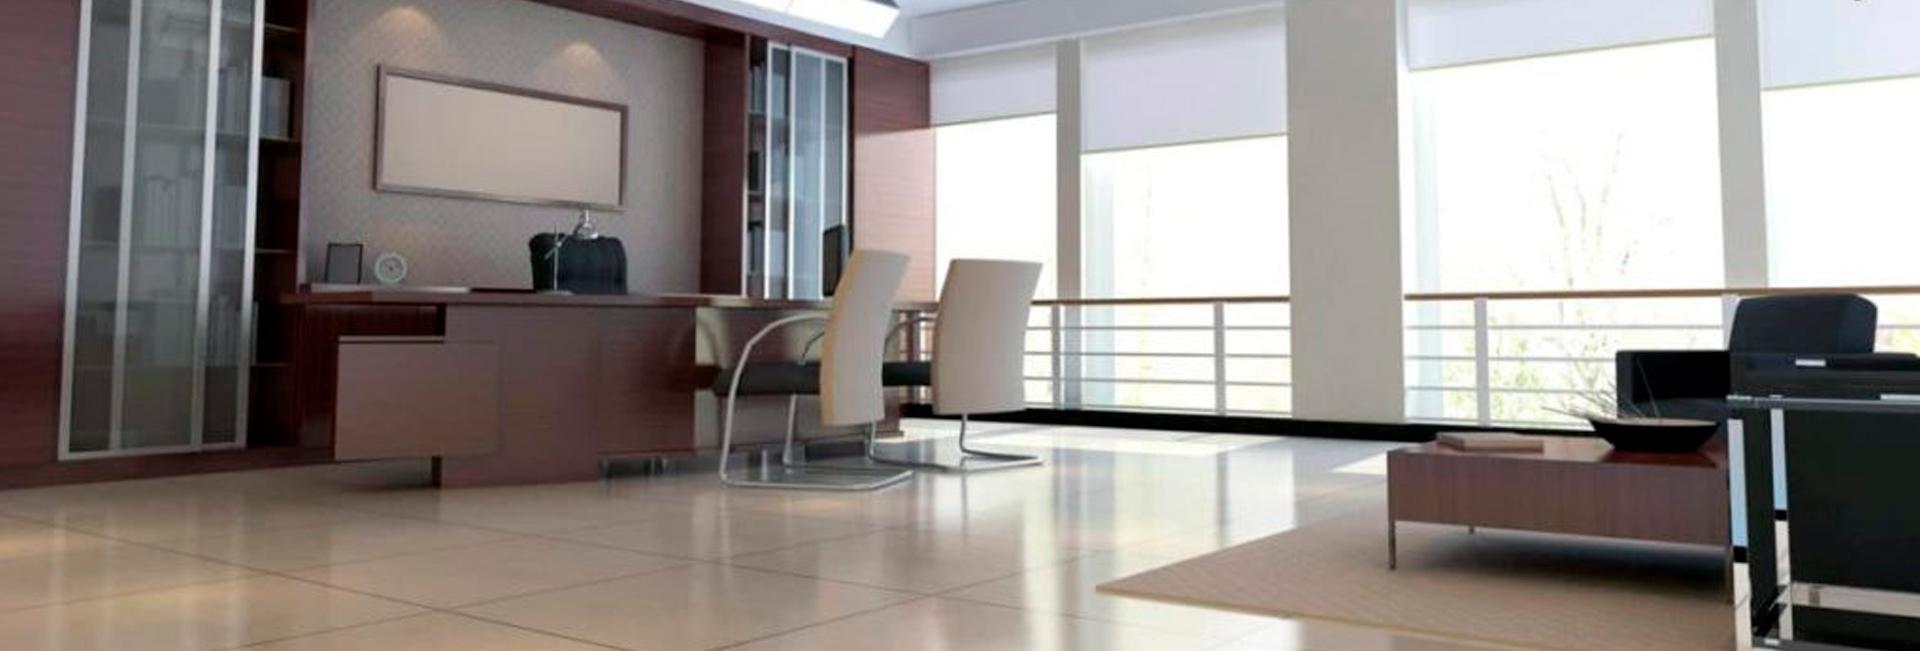 Establece especificaciones de limpieza para la empresa de limpieza